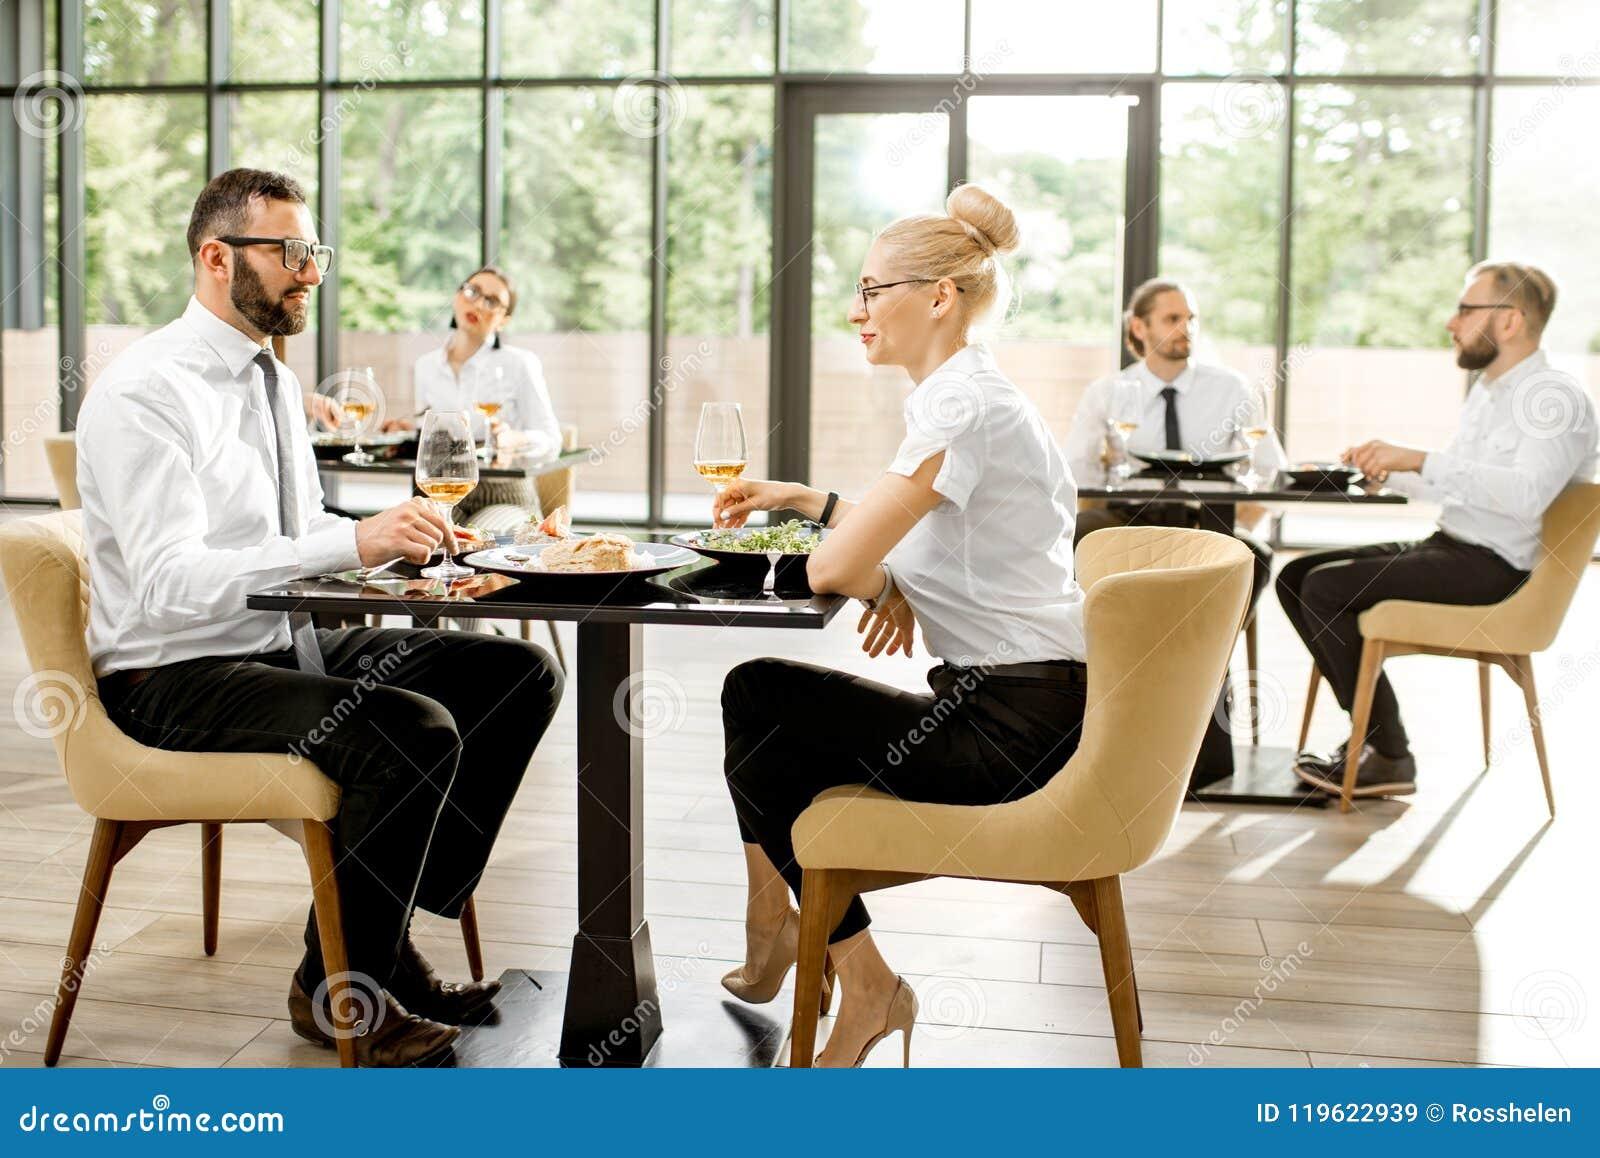 Hombres de negocios durante un almuerzo en el restaurante